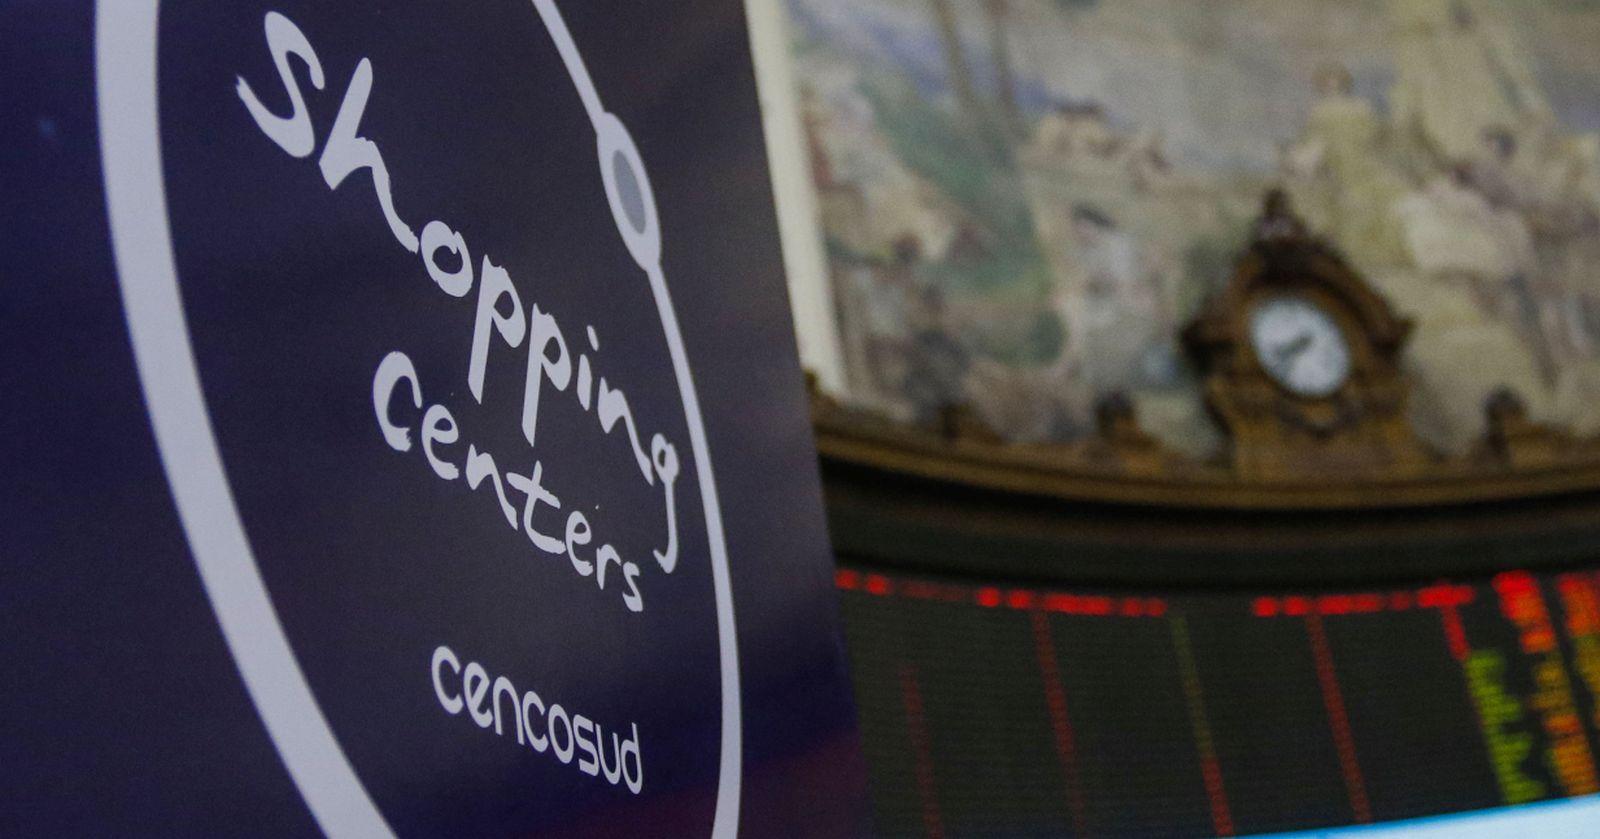 Cencosud retrocede y anuncia que no se acogerá a la Ley de Protección al Empleo